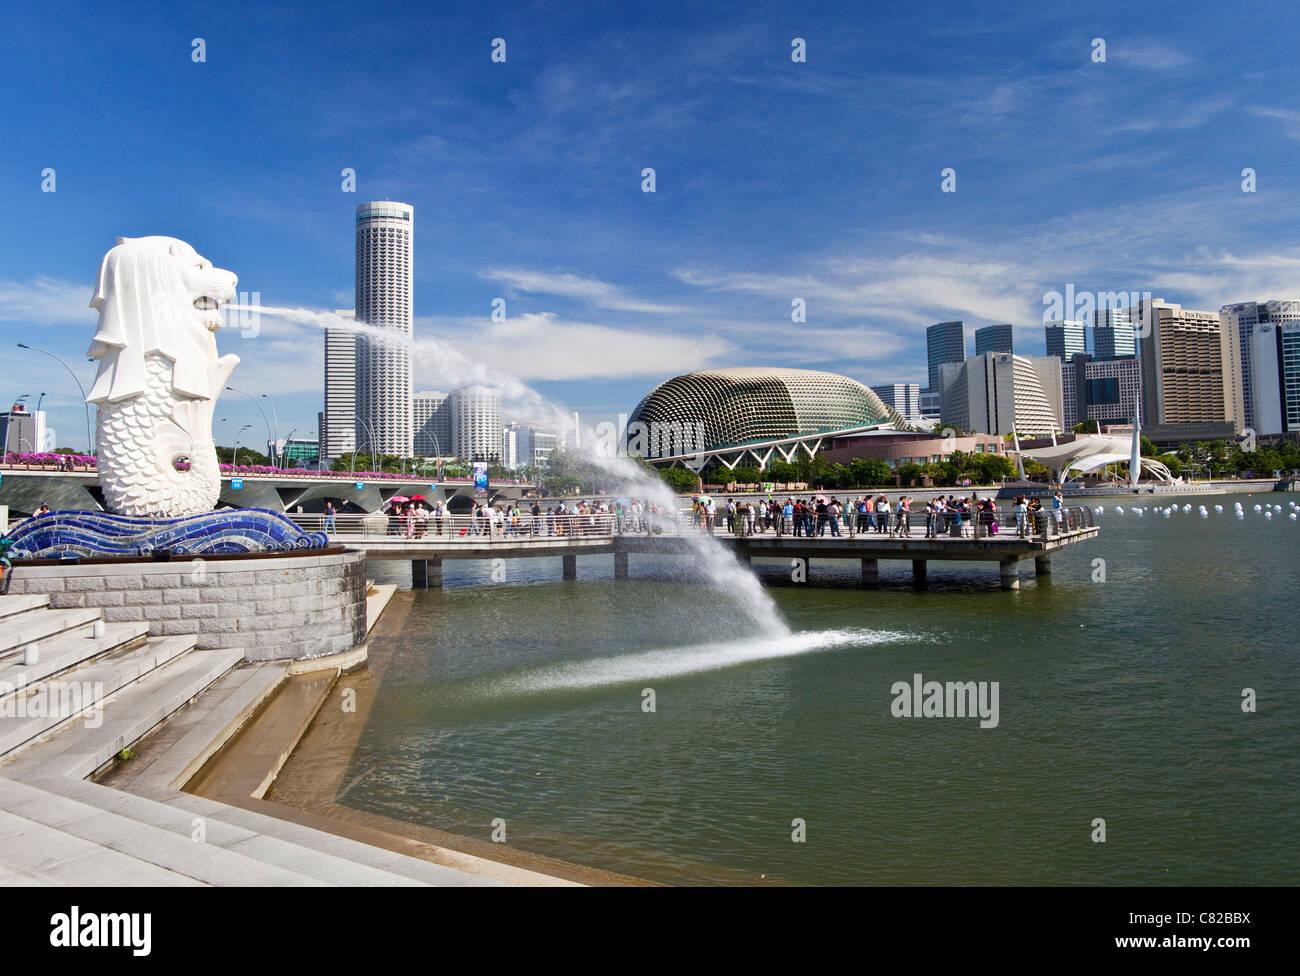 La statue du Merlion et Marina Bay, Singapour Banque D'Images